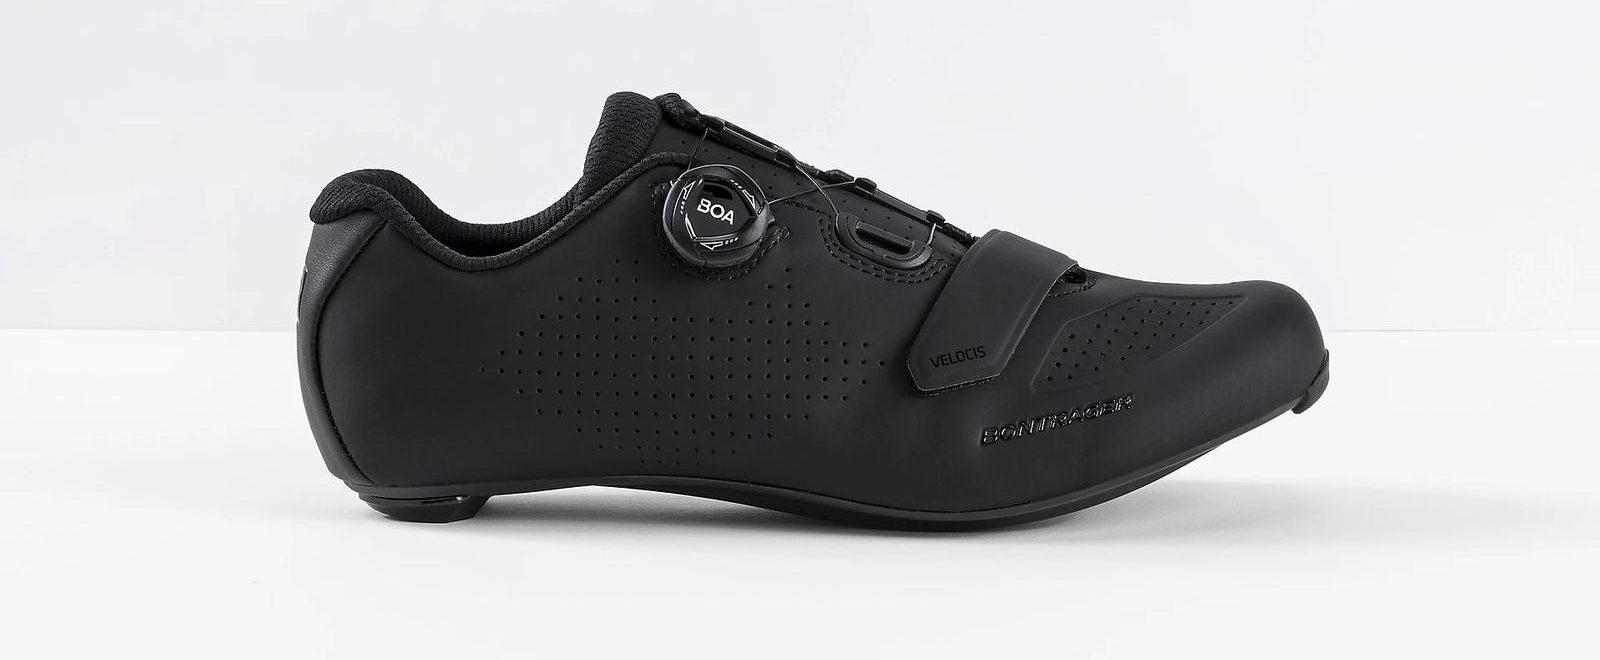 Velocis_Road_Shoe best road shoes